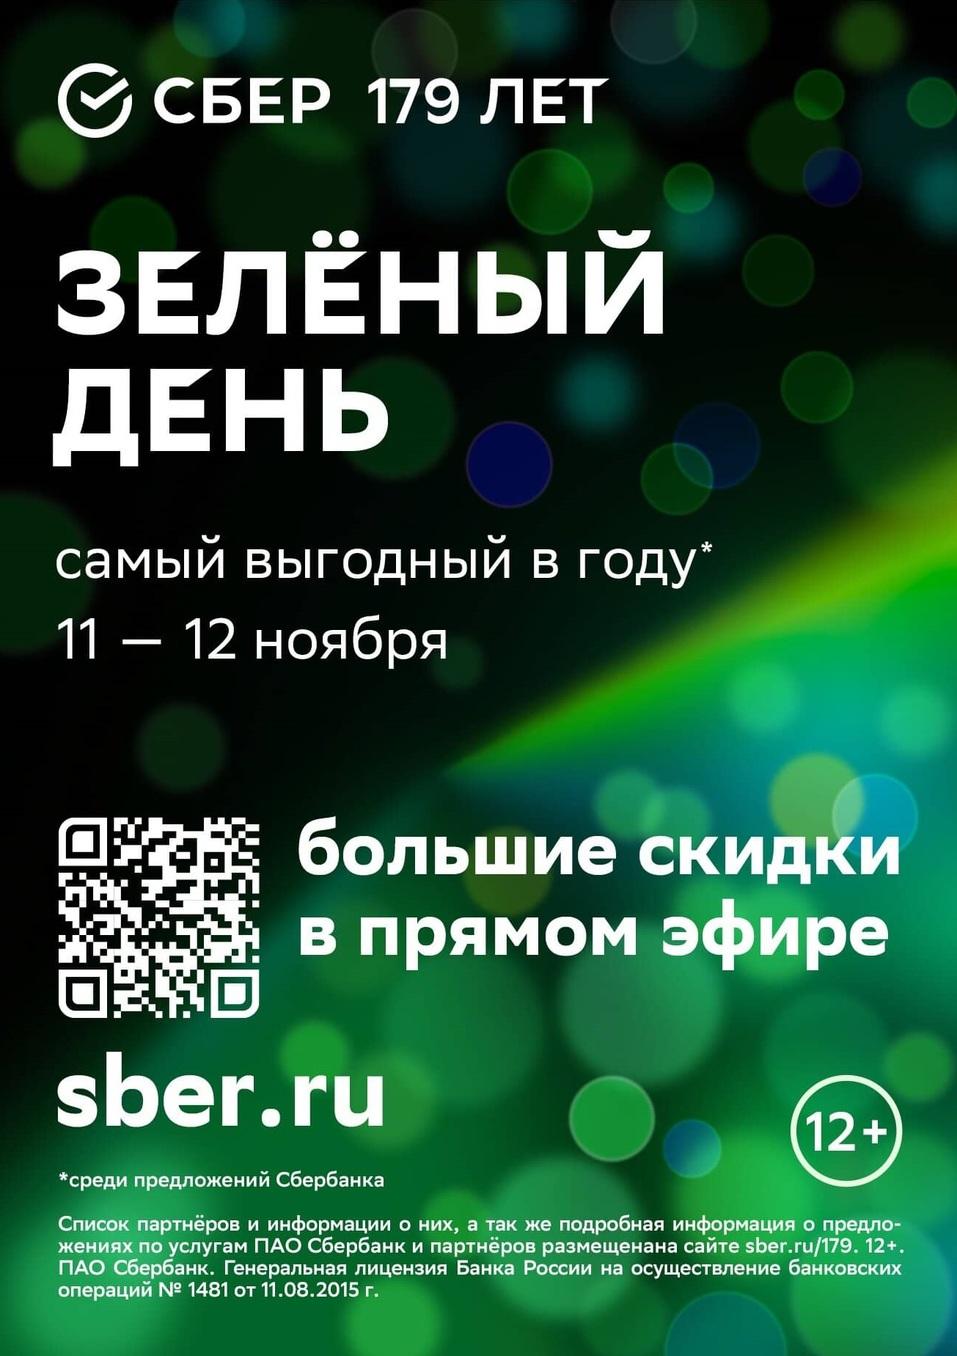 «Зеленый день» и море скидок: в Челябинске празднуют день рождения Сбербанка 1